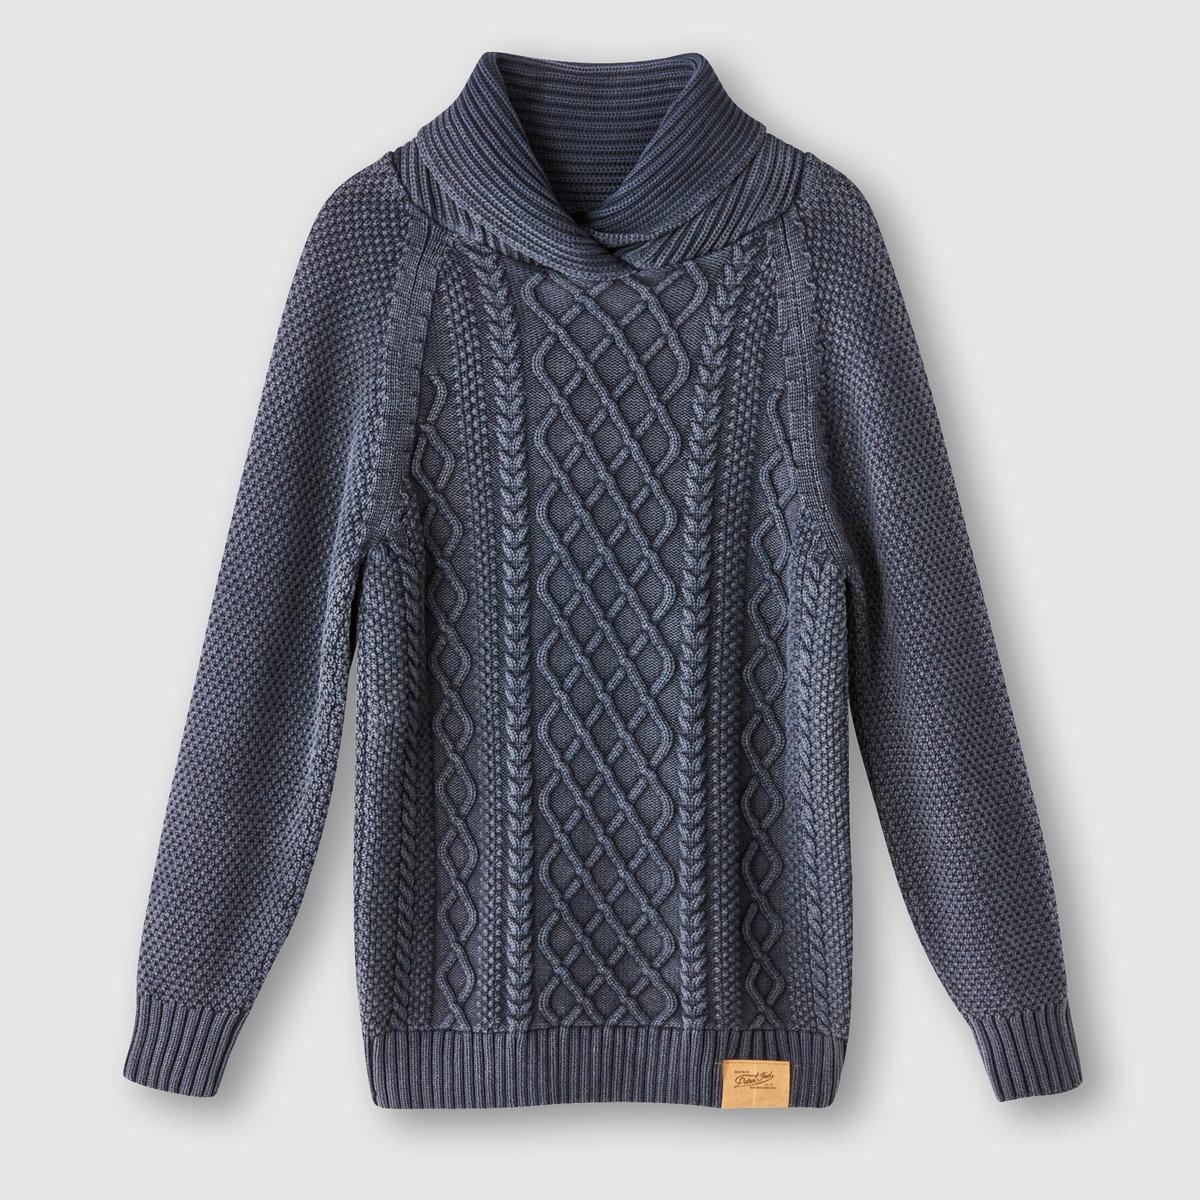 Пуловер с высоким воротником, 100% хлопкаСостав и описание:Материал: 100% хлопка.Марка: PETROL INDUSTRIES.<br><br>Цвет: синий,черный<br>Размер: M.M